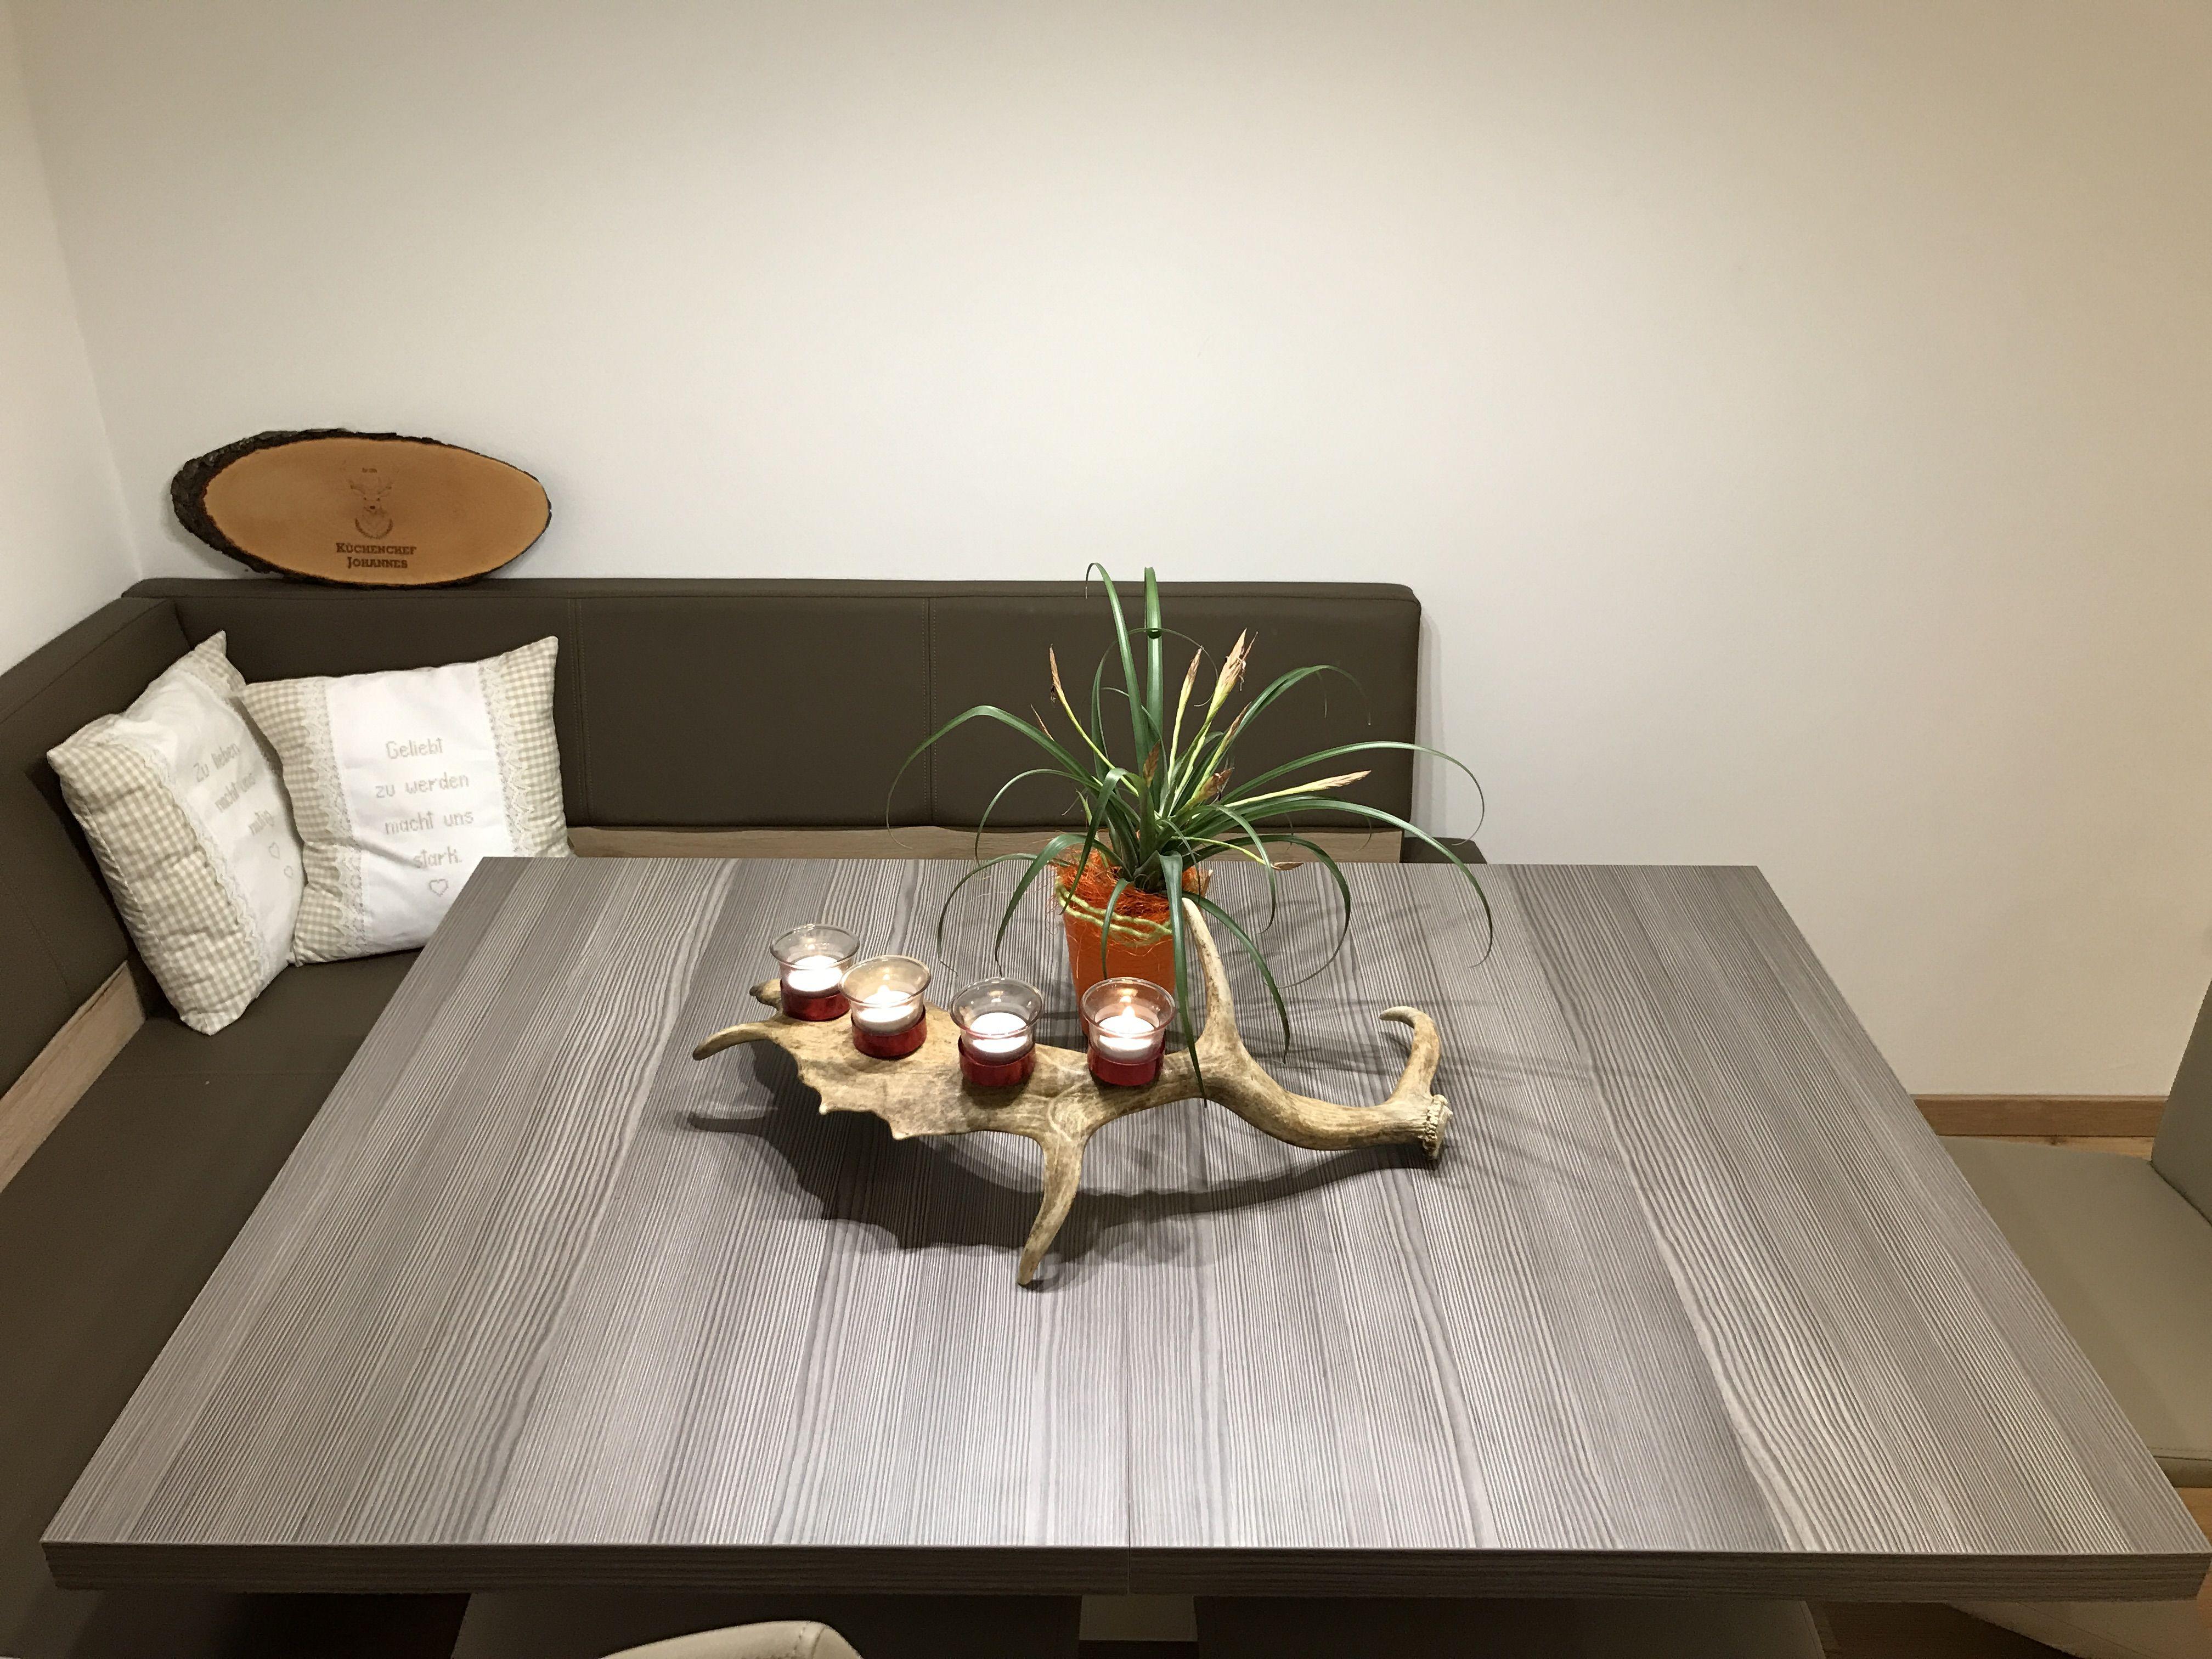 Damhirsch Teelichthalter - Passend zu allen Arten von Möbeln ...